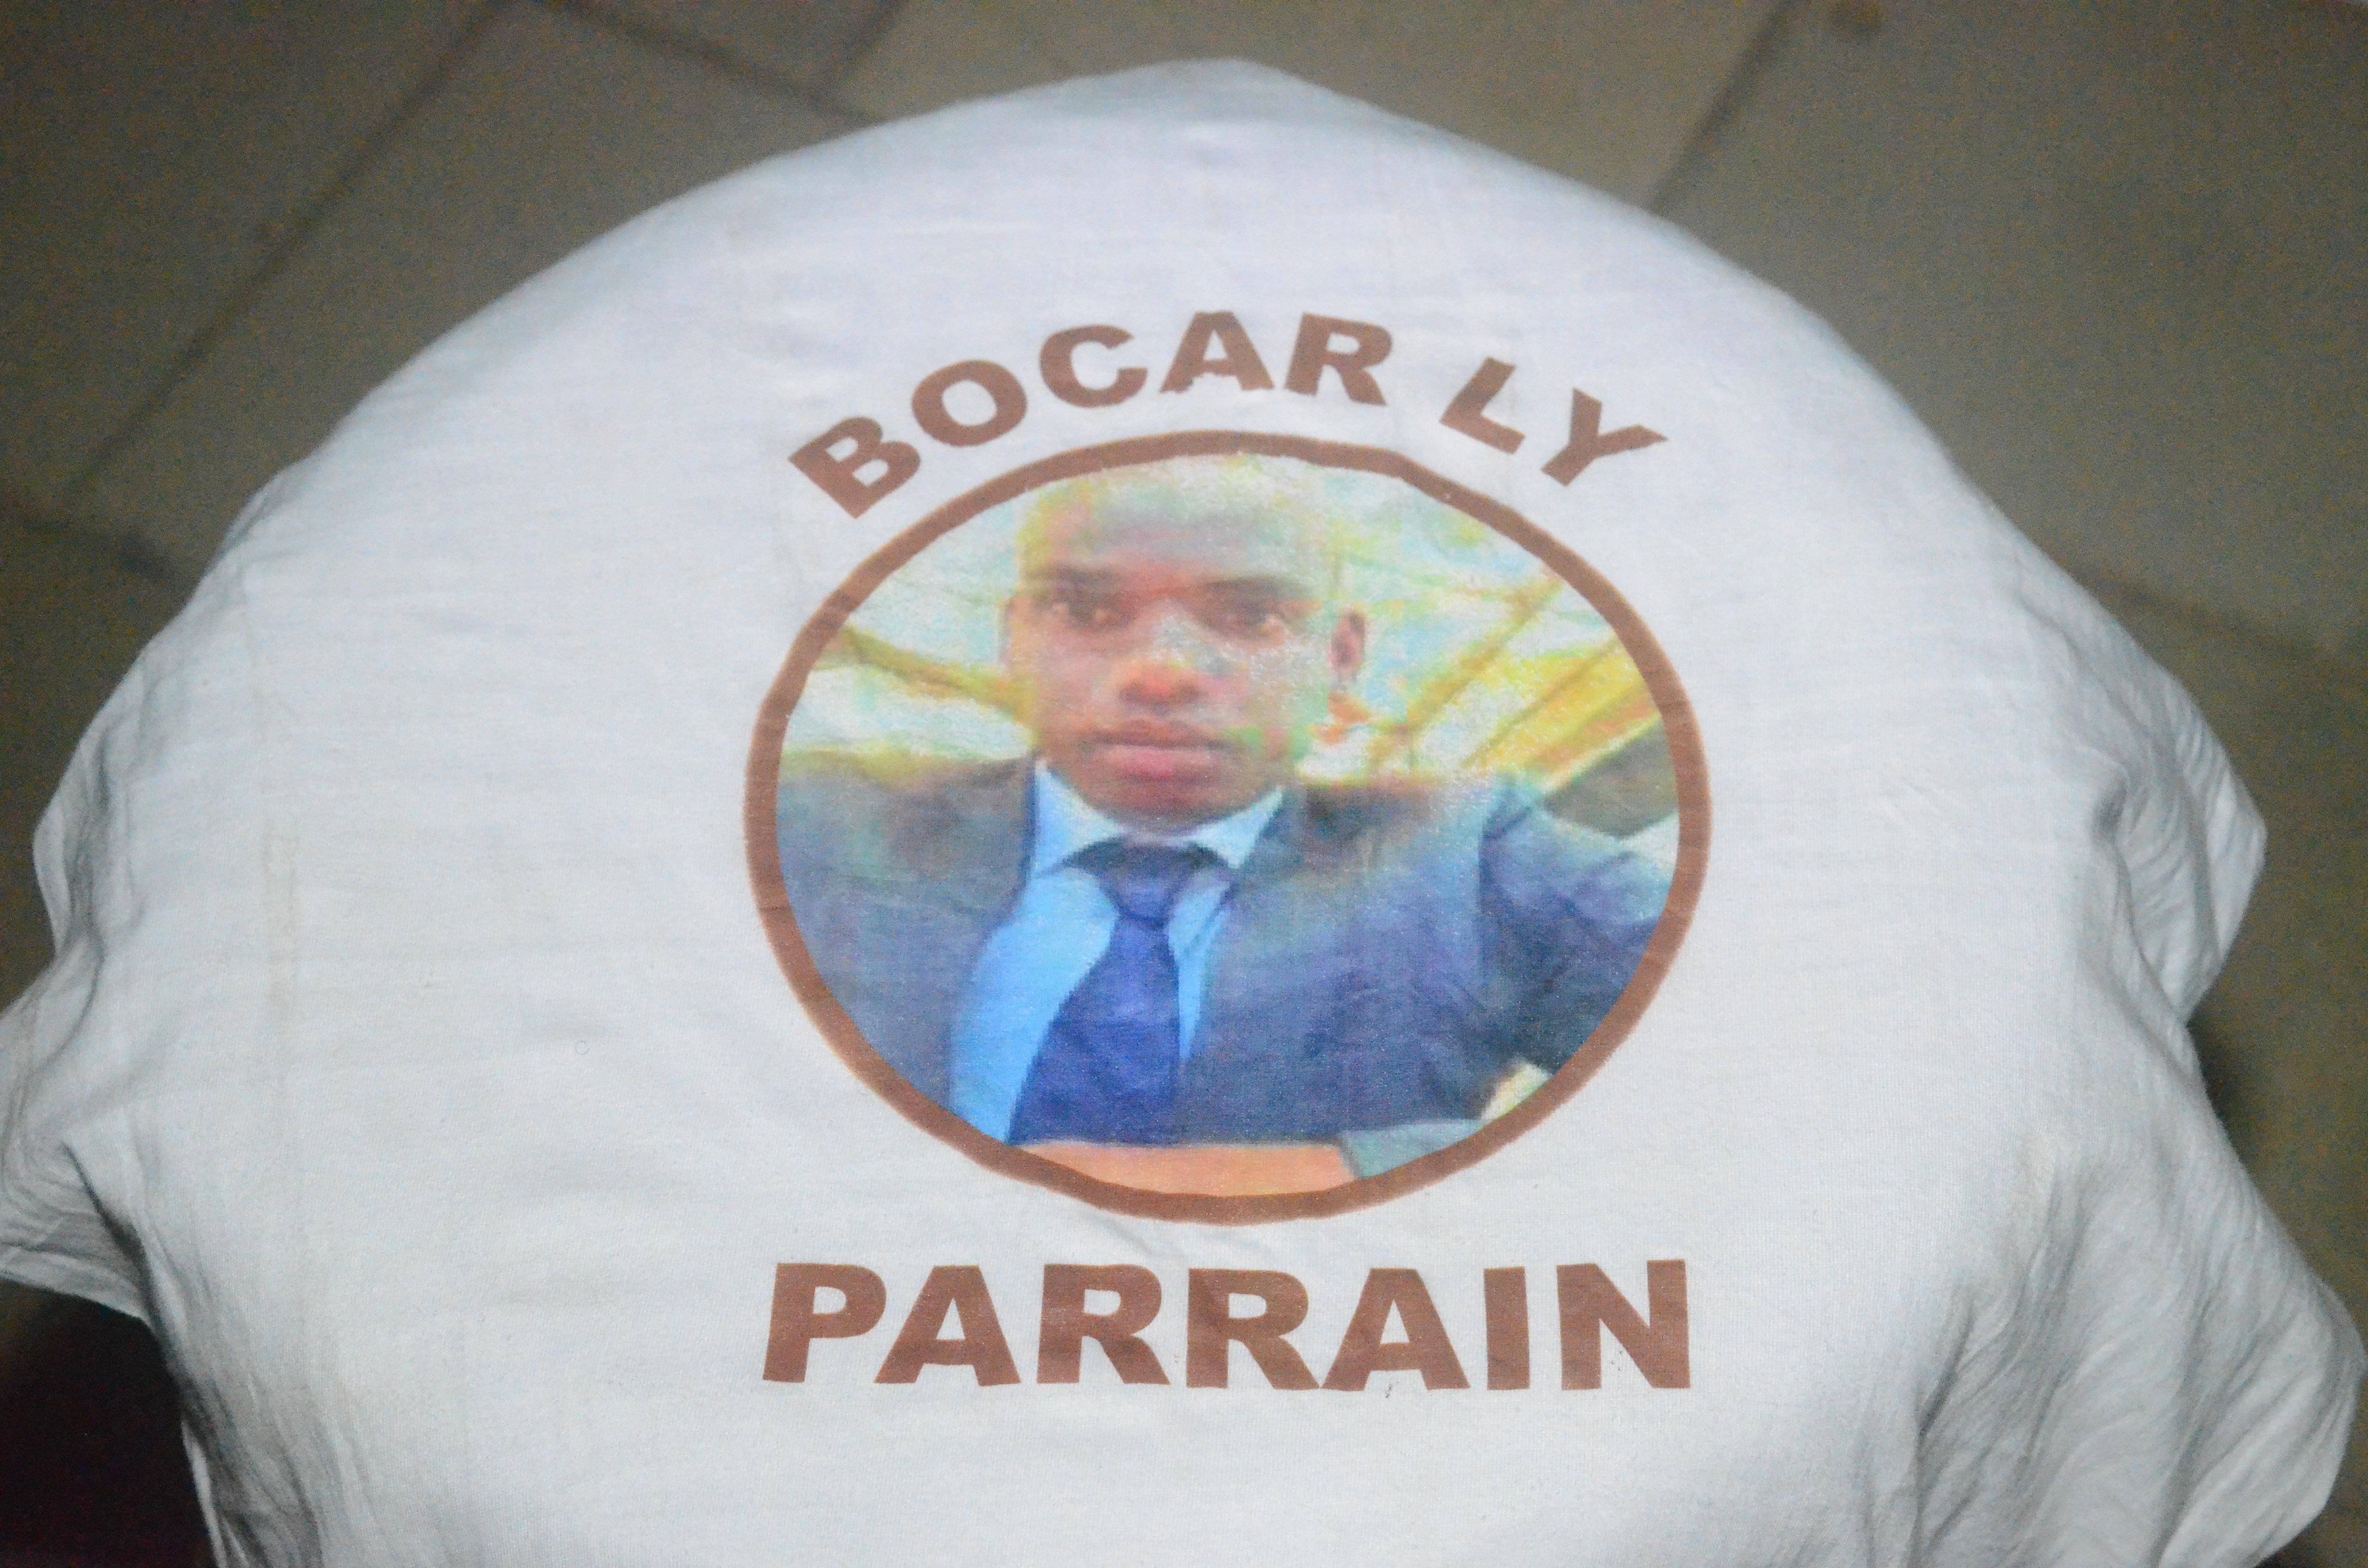 Première Edition soirée culturelle de l'Association Boyinadji Ma fierté de Bokidiawé, le parrain Bocar Abdoulaye Ly appelle à l'union des cœurs (52)